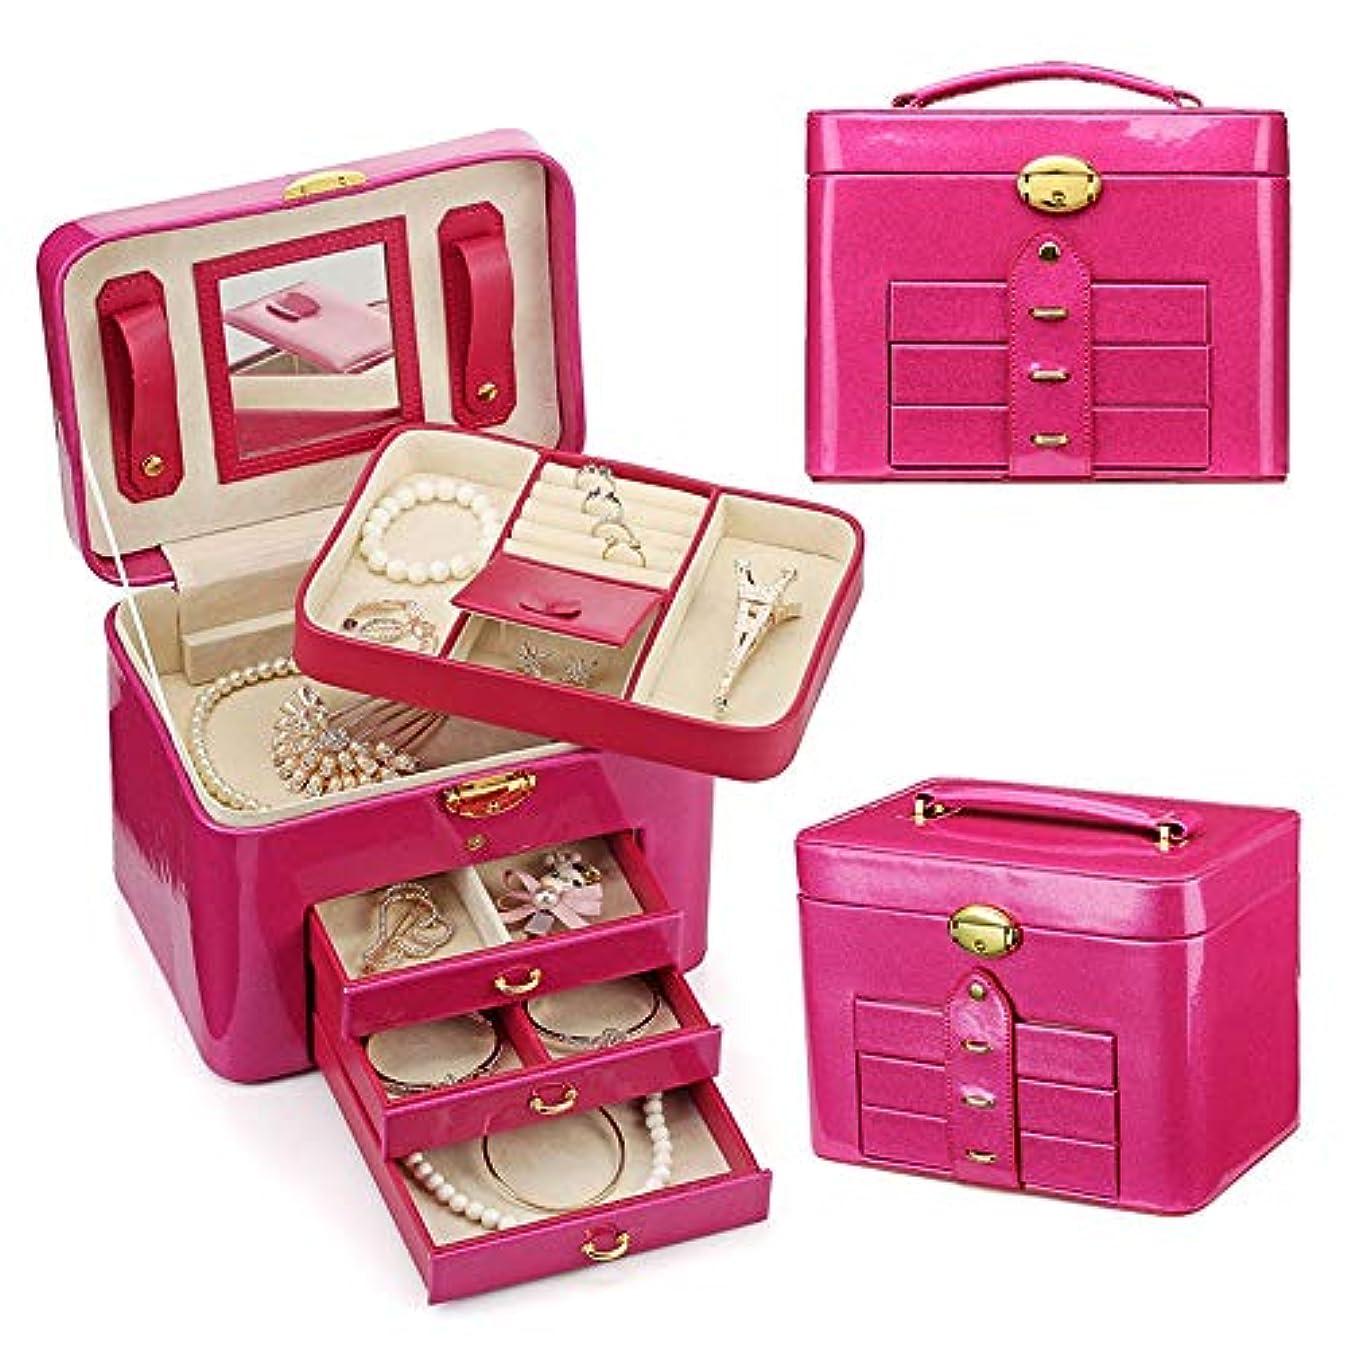 邪魔アーカイブ洗う化粧オーガナイザーバッグ 多層の引き出し女性の宝石の収納箱小物のストレージのための 化粧品ケース (色 : ローズレッド)